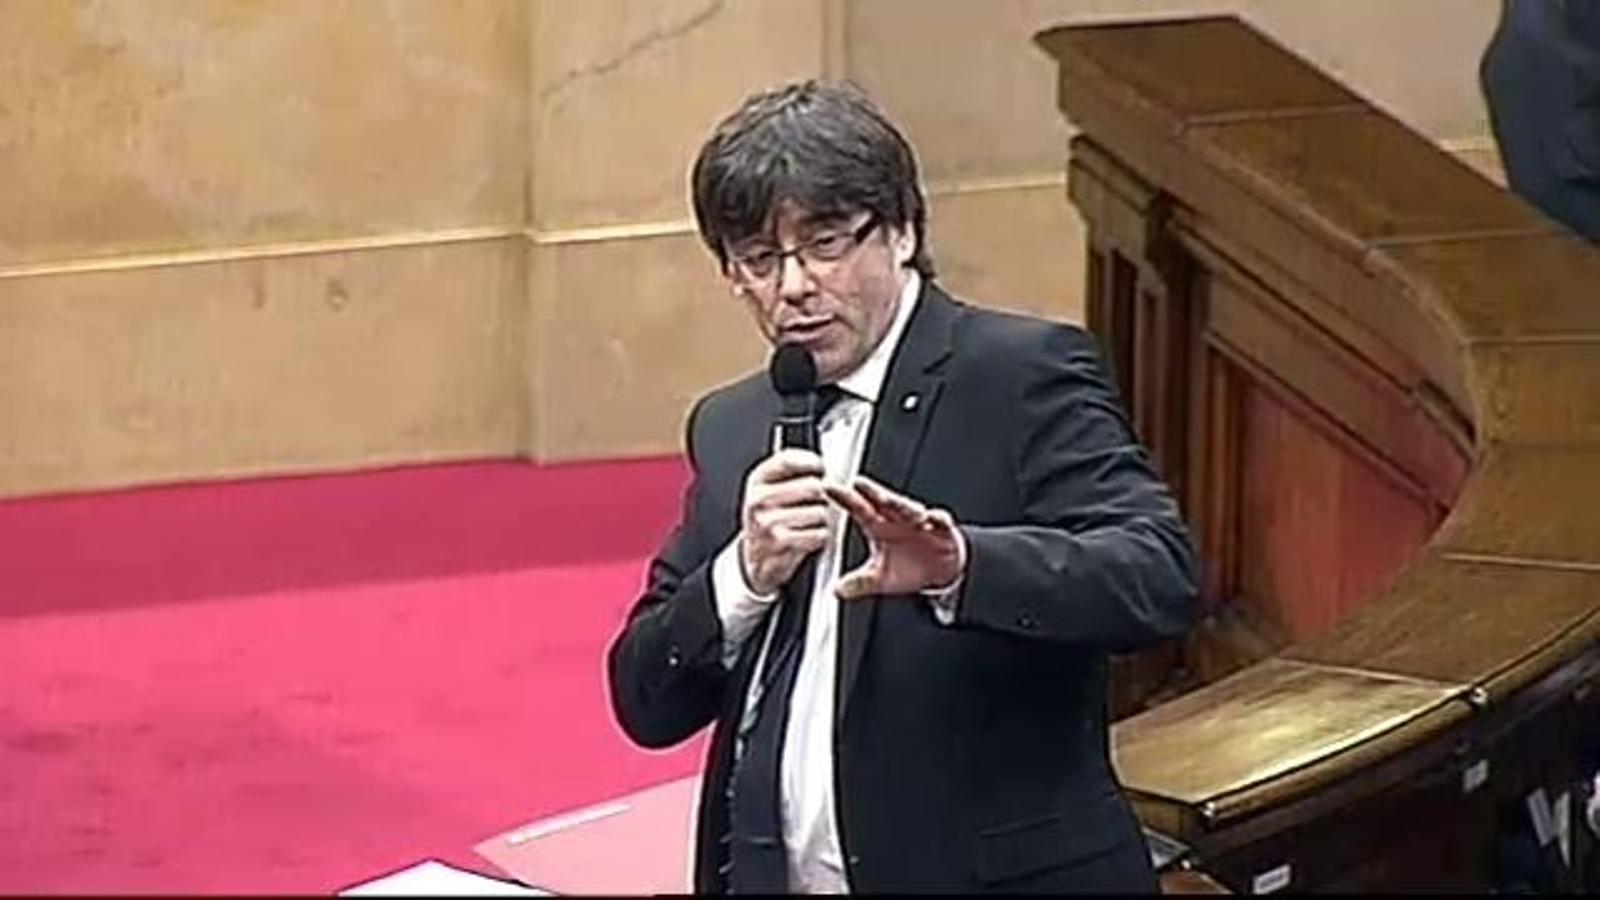 Puigdemont emula Gerard Piqué: Gràcies, Tribunal Constitucional, amb tu va començar tot